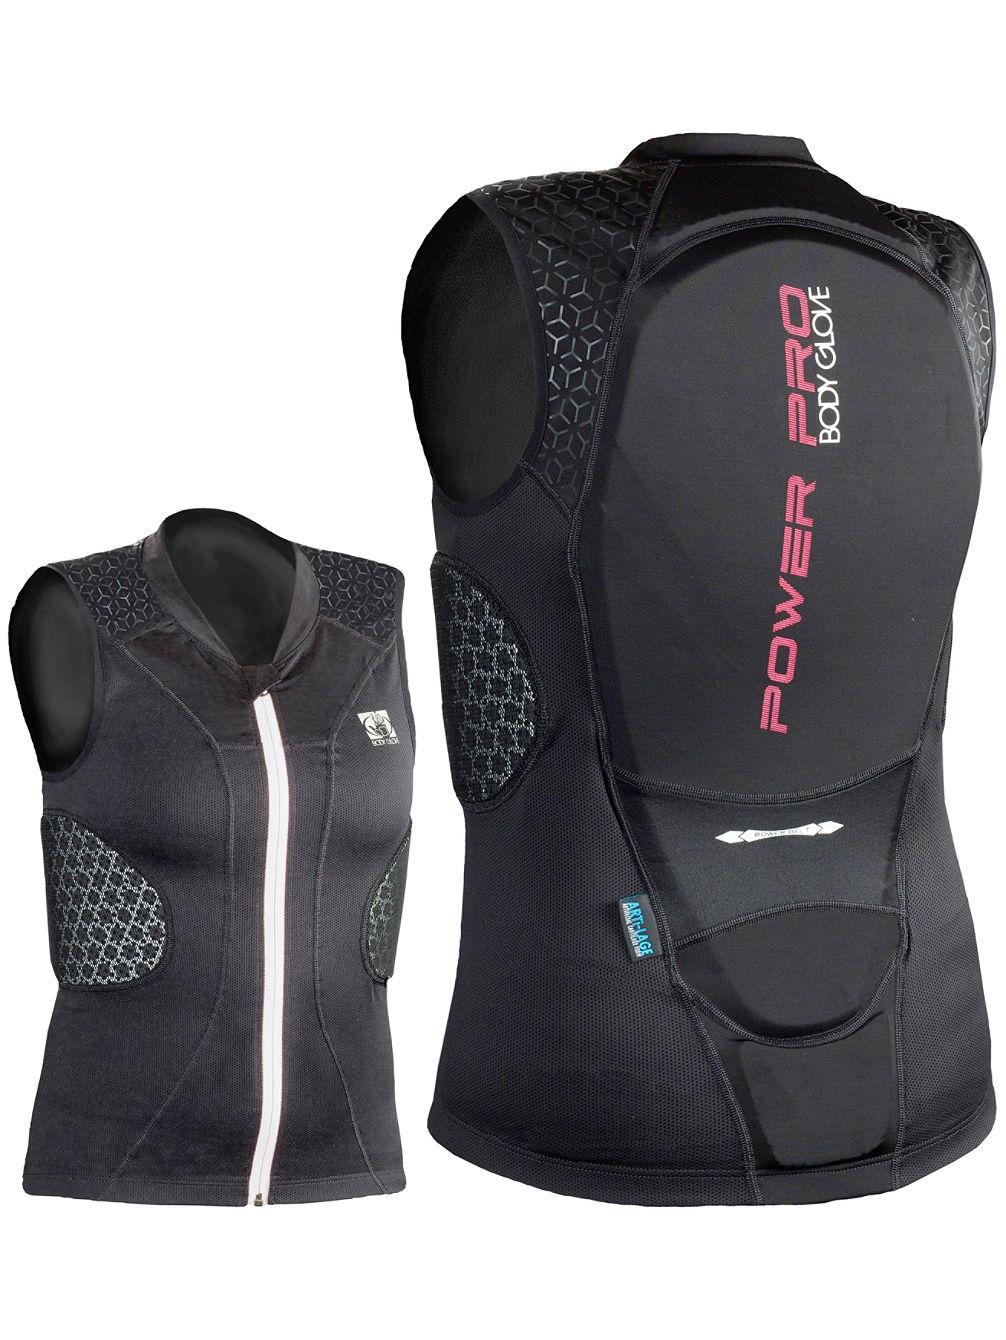 body glove power pro women r ckenprotektor online kaufen. Black Bedroom Furniture Sets. Home Design Ideas